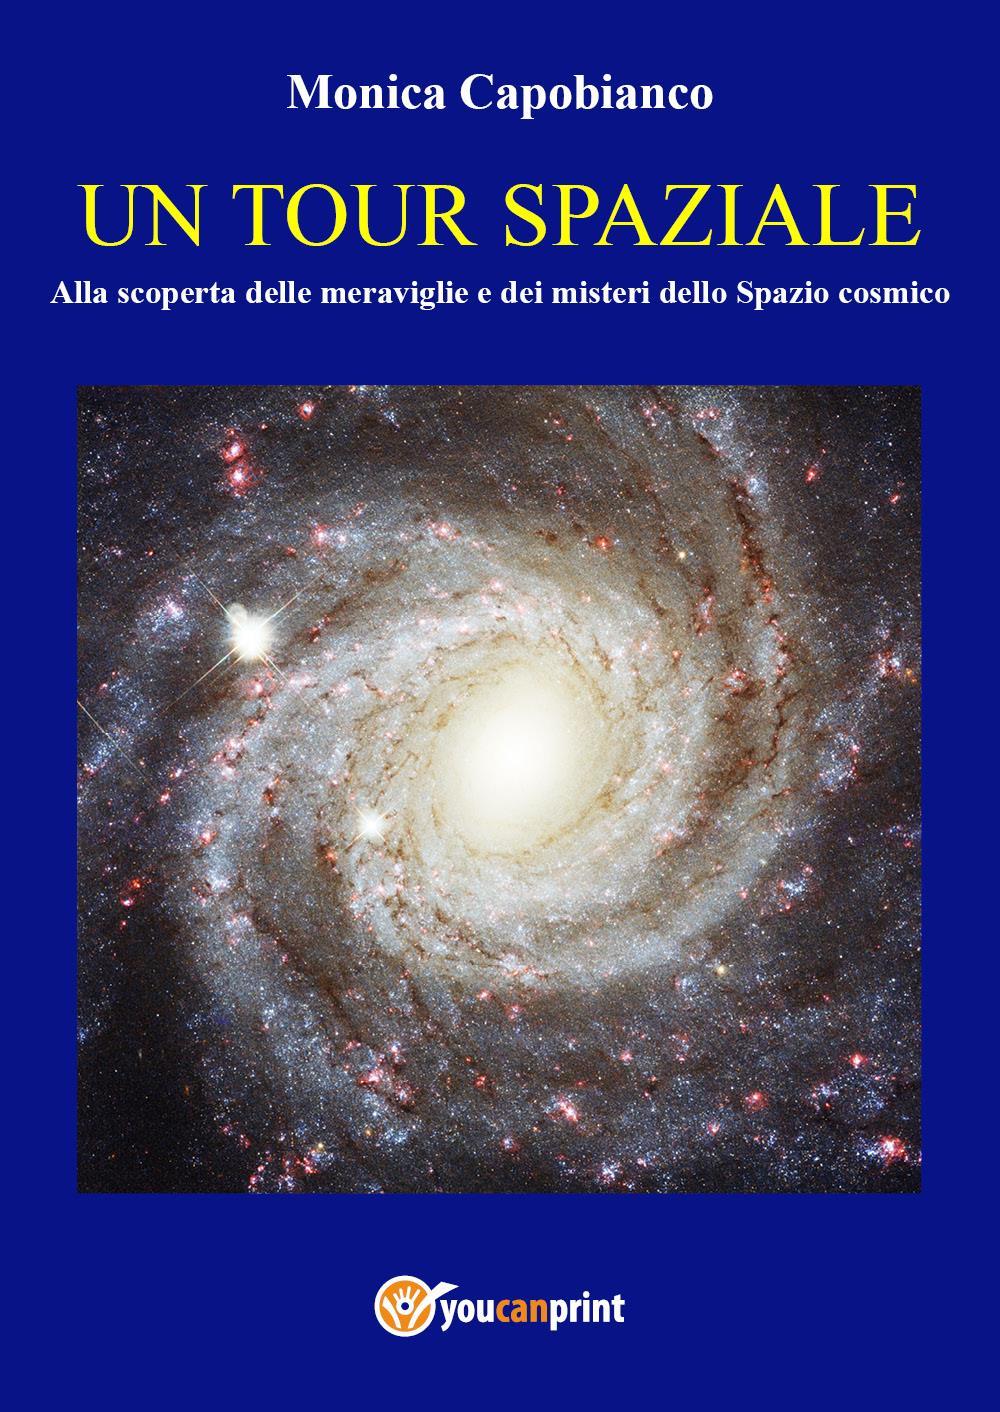 UN TOUR SPAZIALE Alla scoperta delle meraviglie e dei misteri dello Spazio cosmico